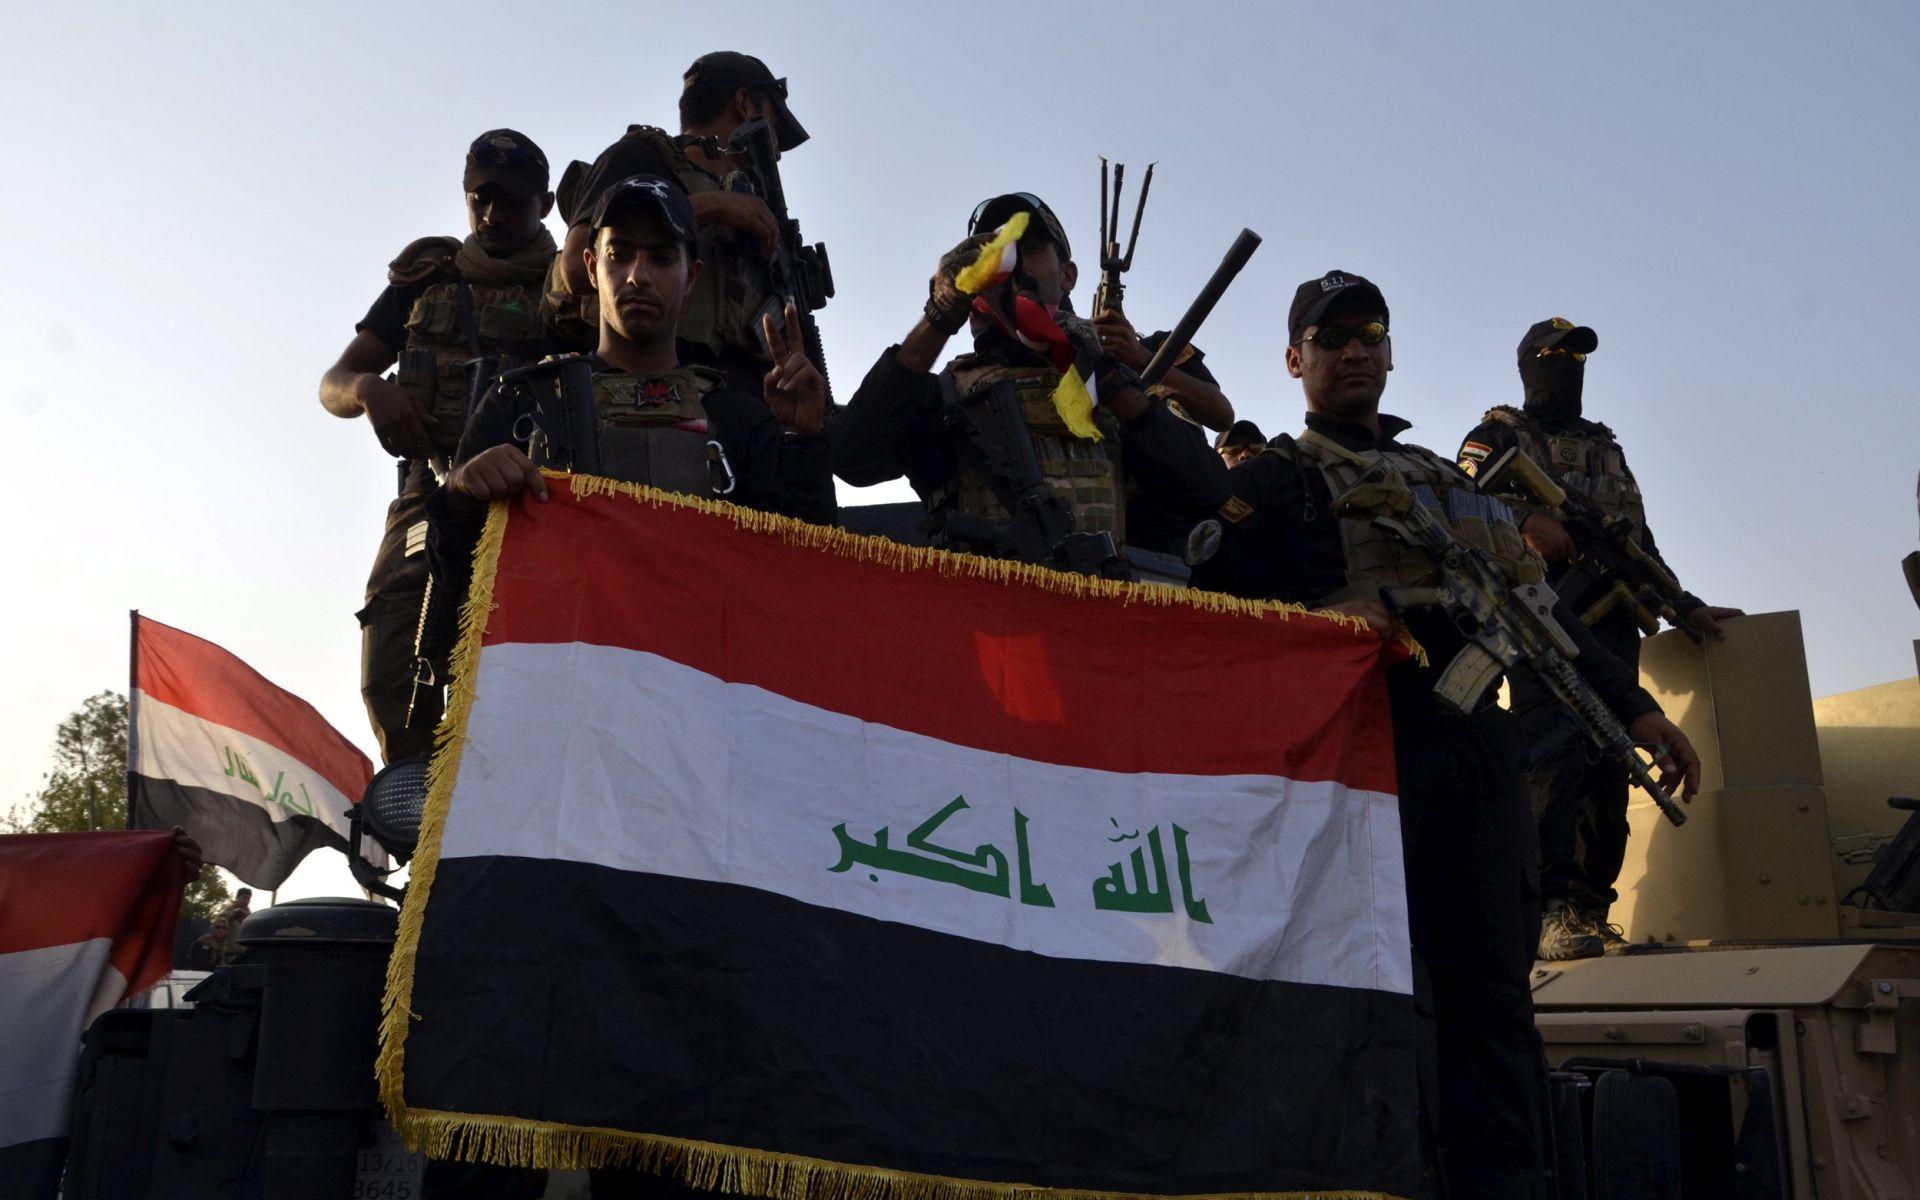 AMNESTY Iračke i koalicijske snage prekršile međunarodno pravo u Mosulu